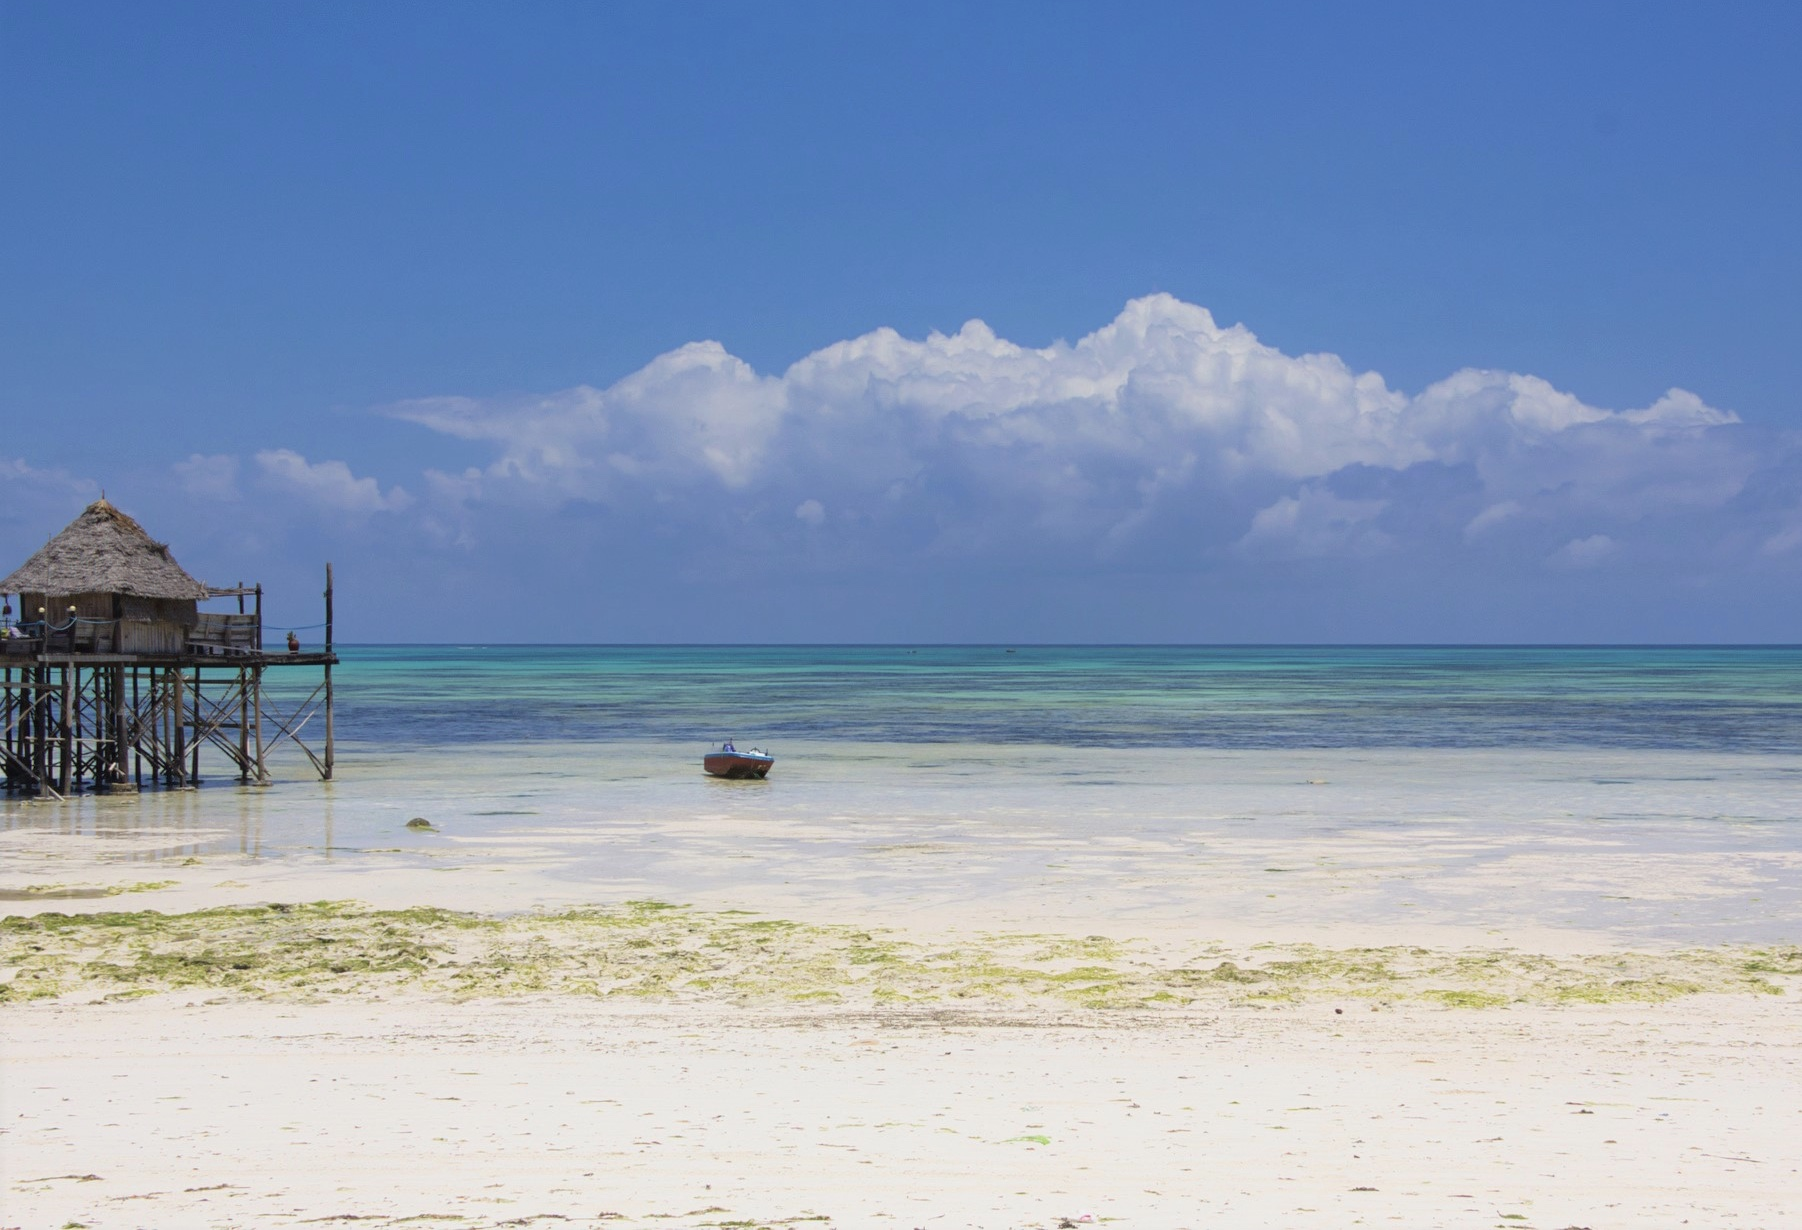 plages paradisiaques